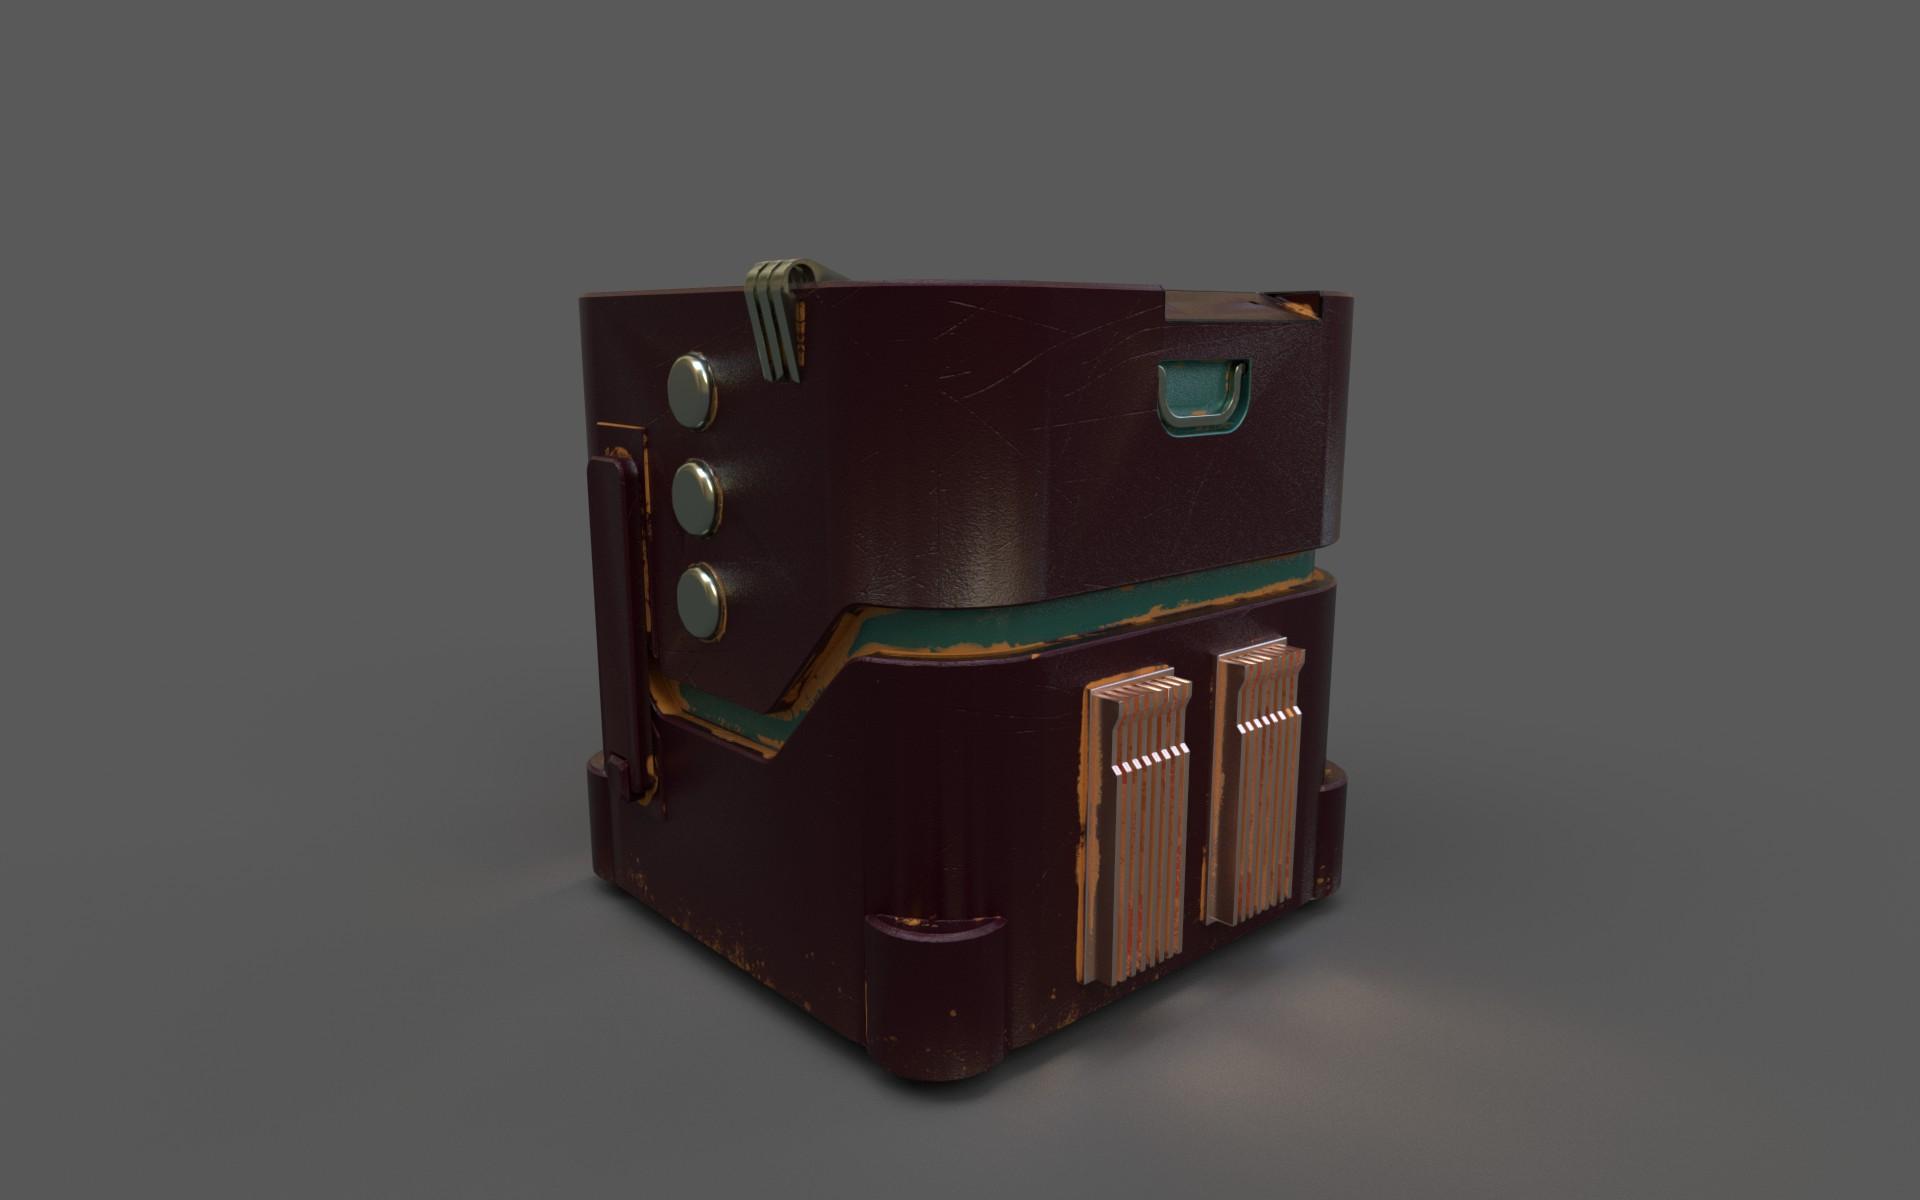 Old sc-fi box